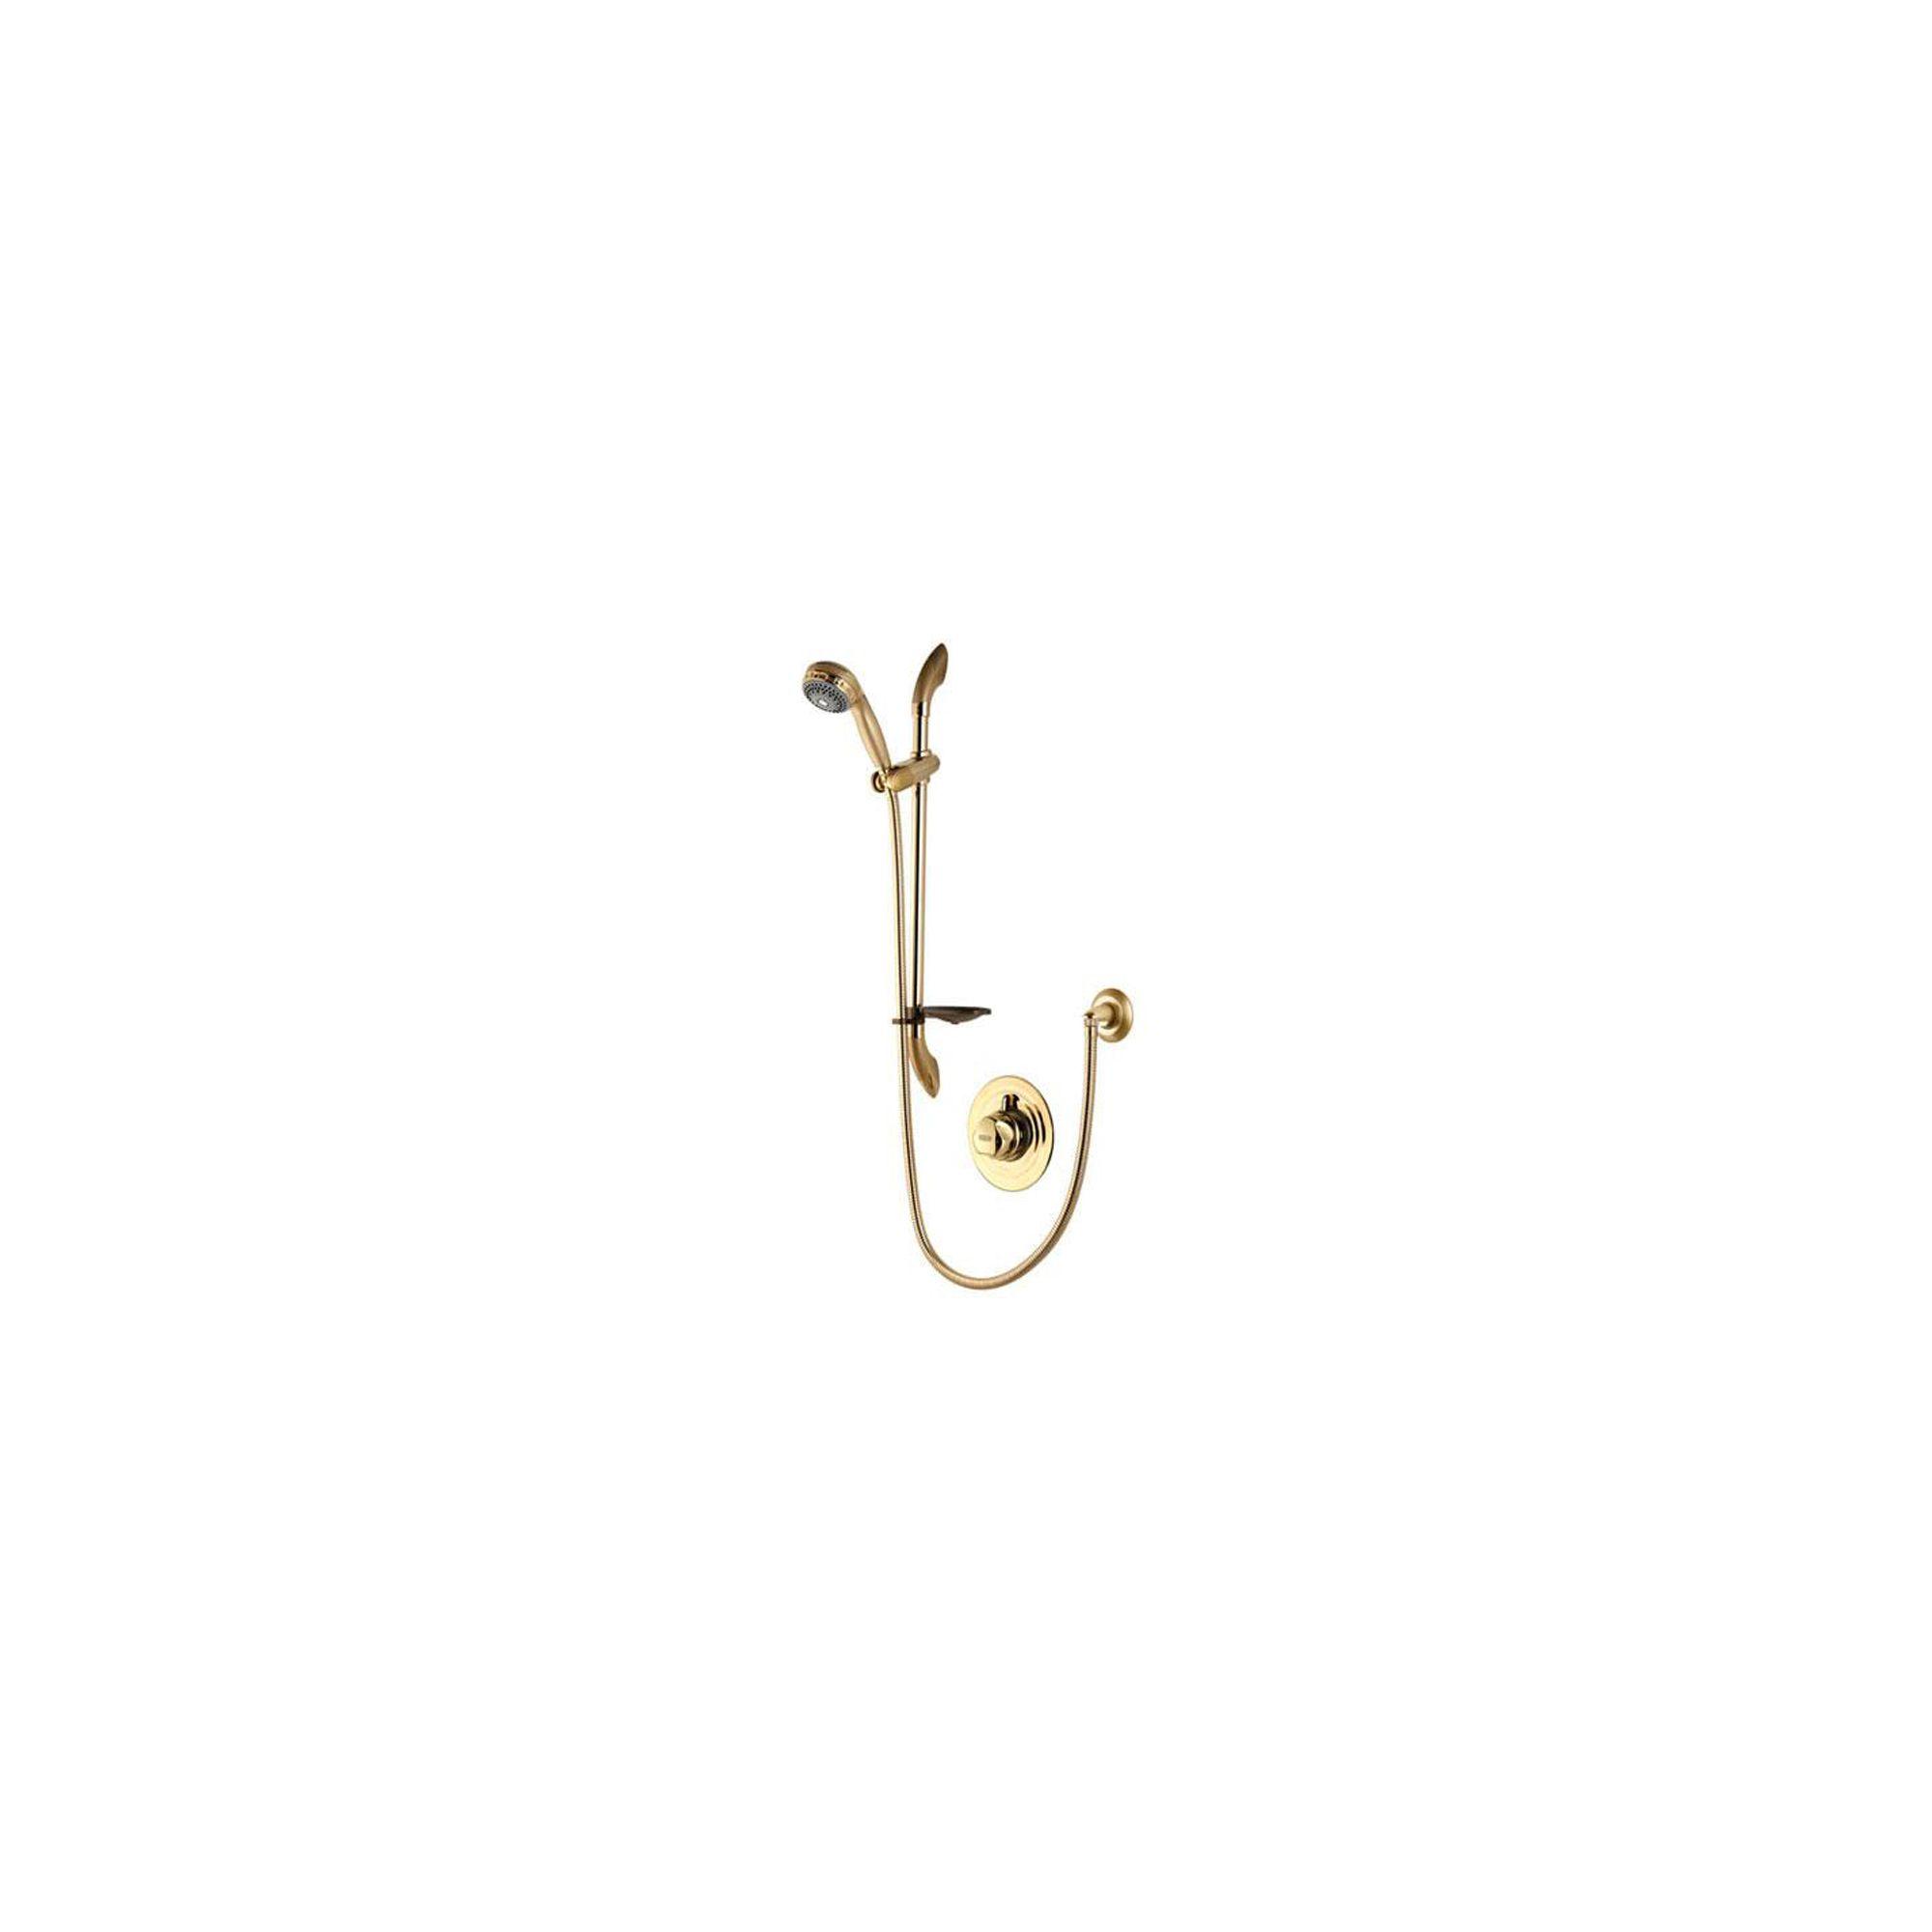 Aqualisa Aquavalve 700 Concealed Shower Valve with Adjustable Shower Head Gold at Tescos Direct